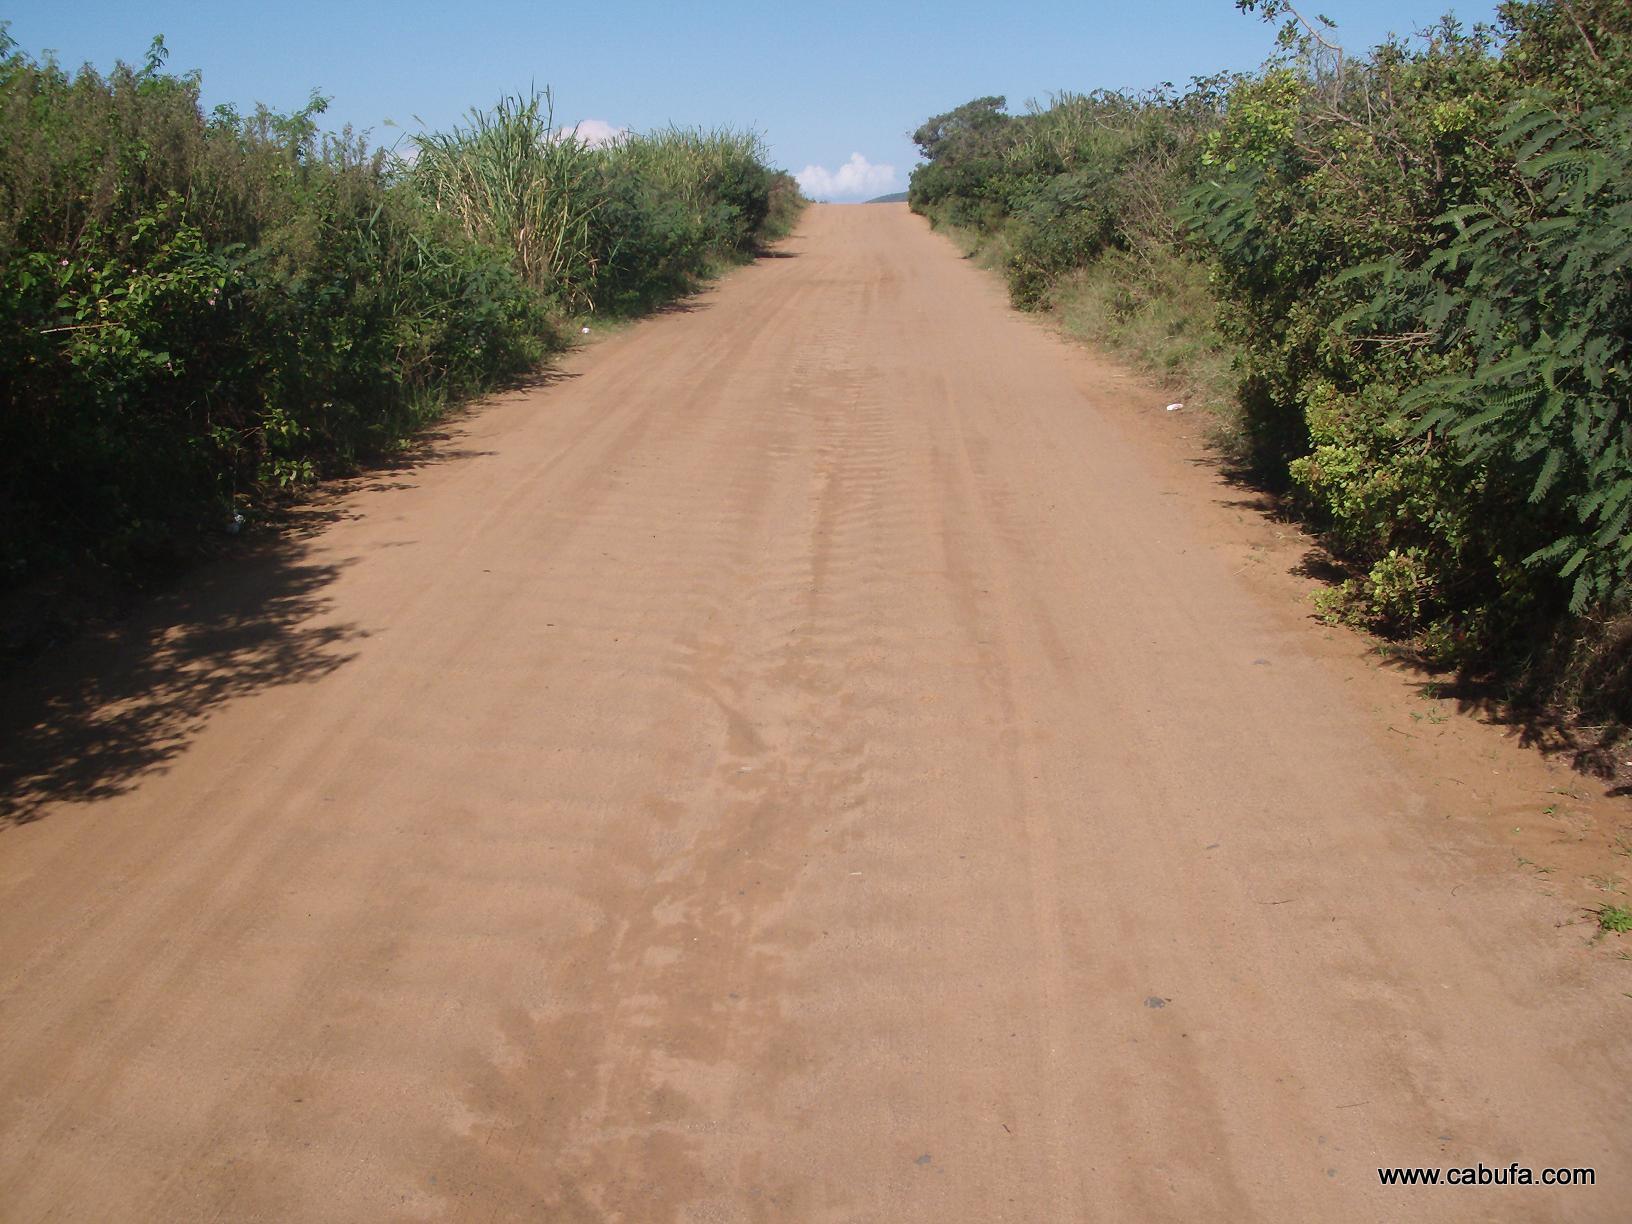 Na estrada in the road